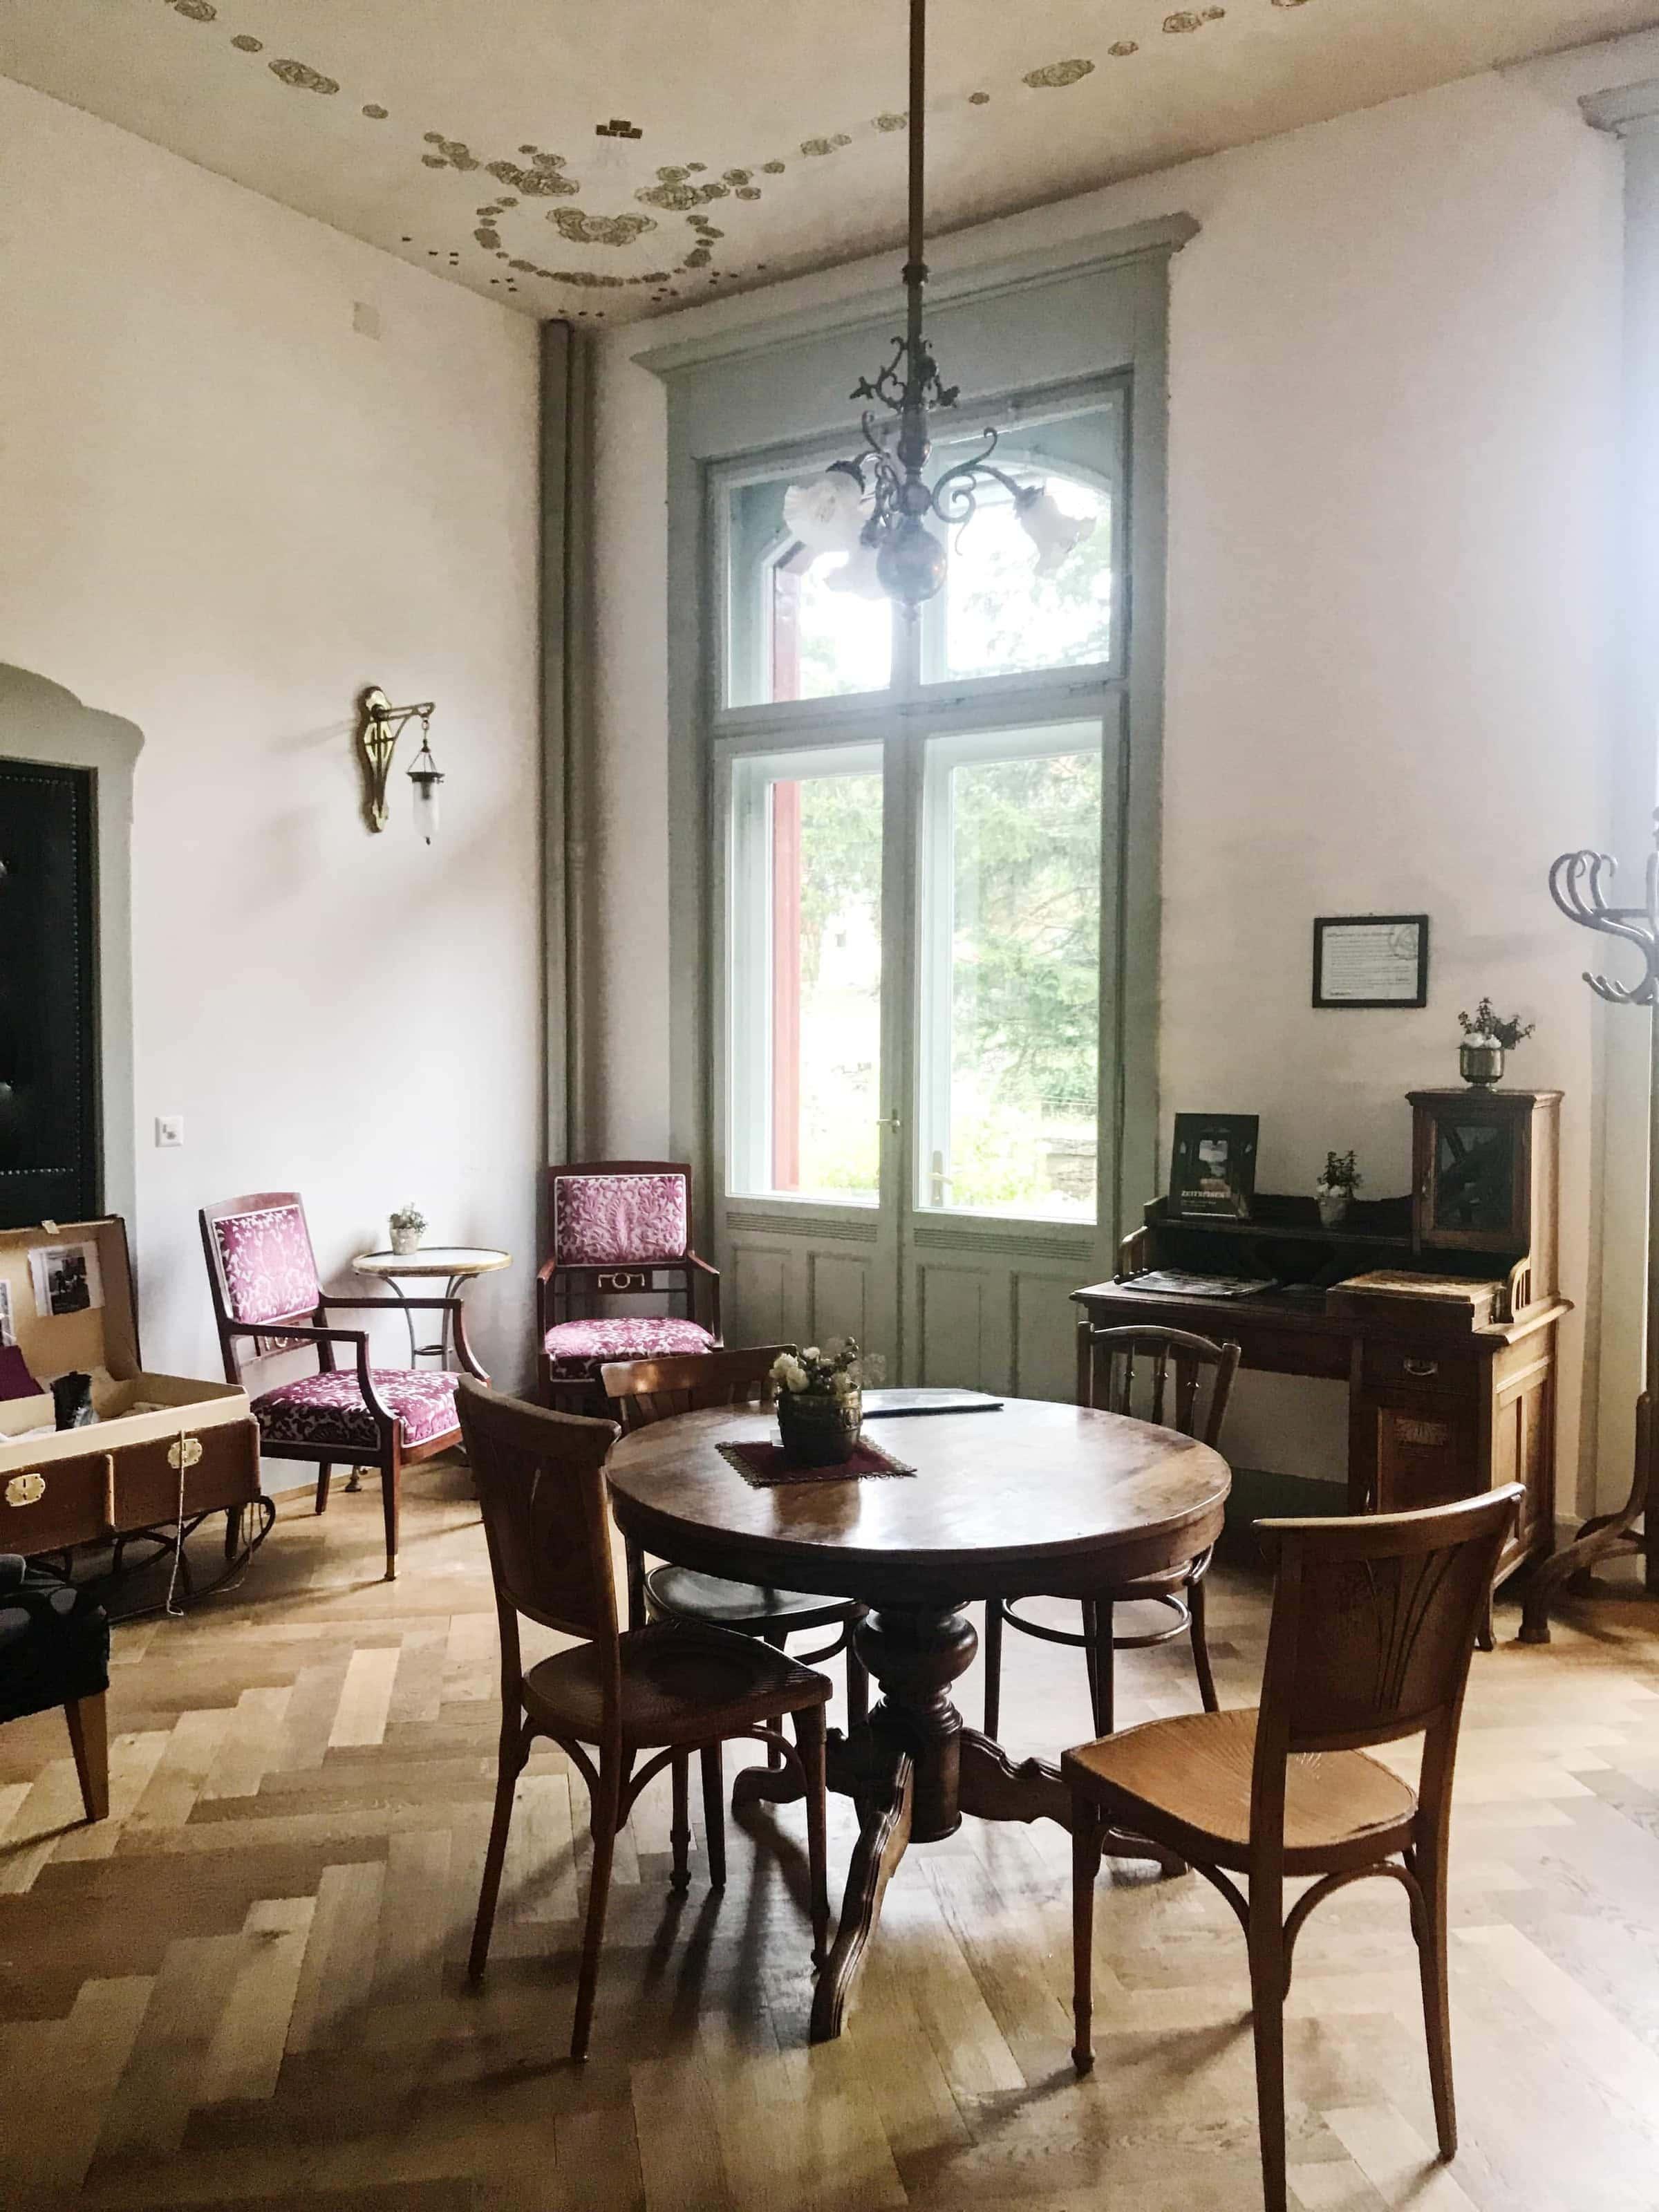 Bibliothek im Jugendstil-Hotel